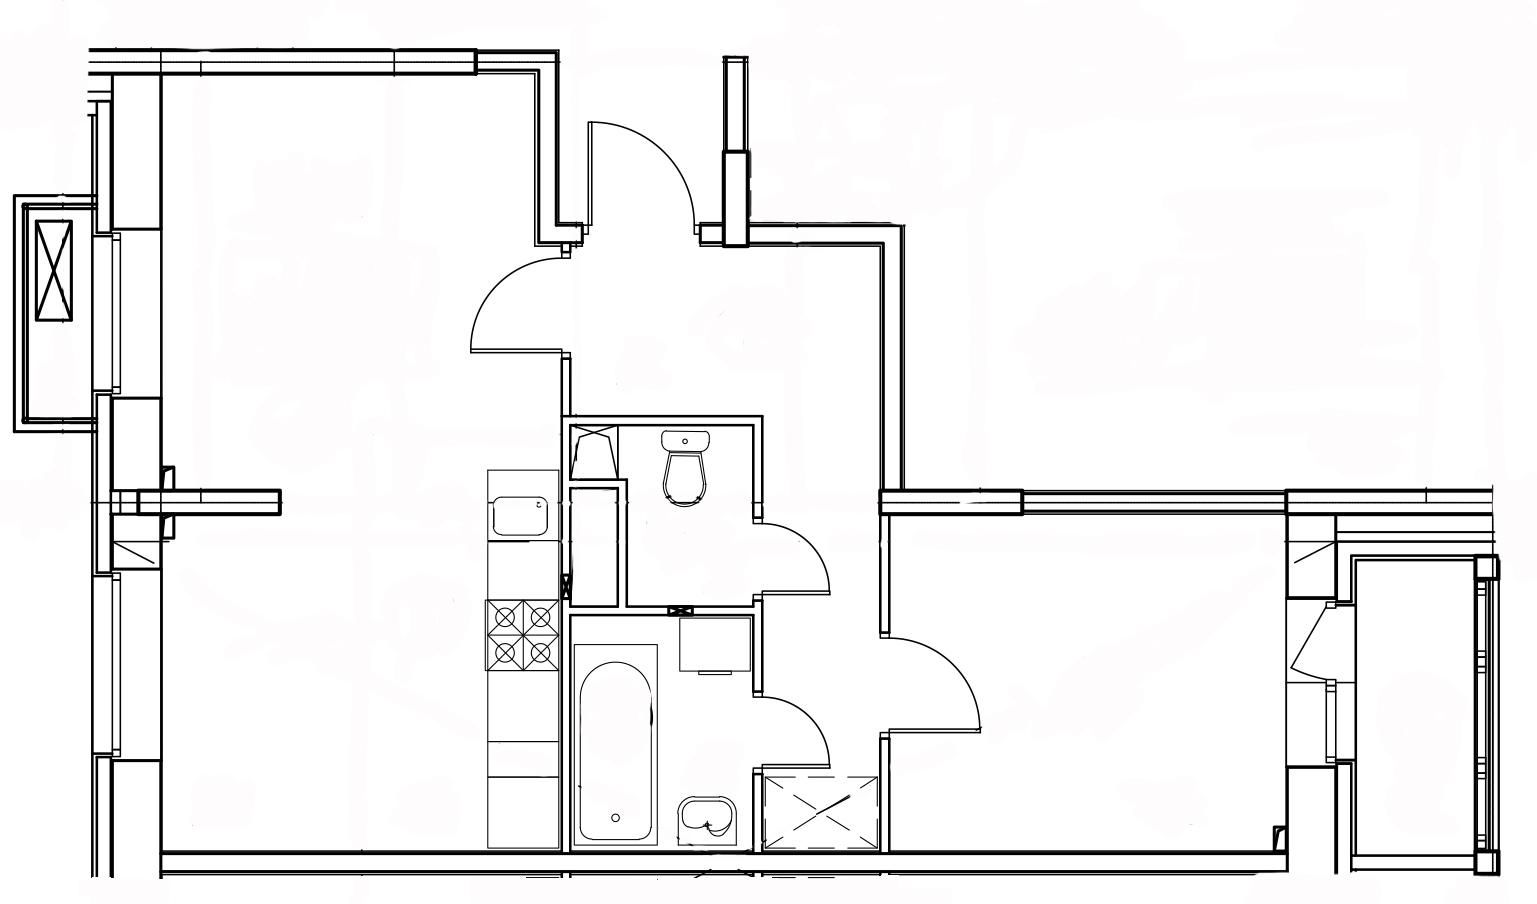 2-комнатная квартира в Митино О2, дом №8, квартира №08-124